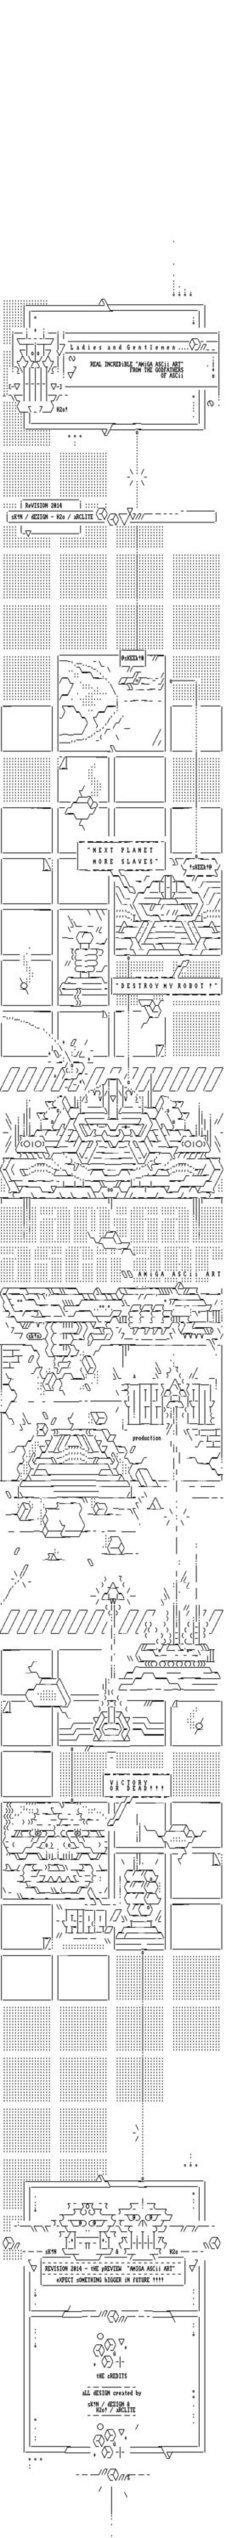 Amiga Ascii Art (Revision 2014 Entry) | ASCII Art | Scoop.it